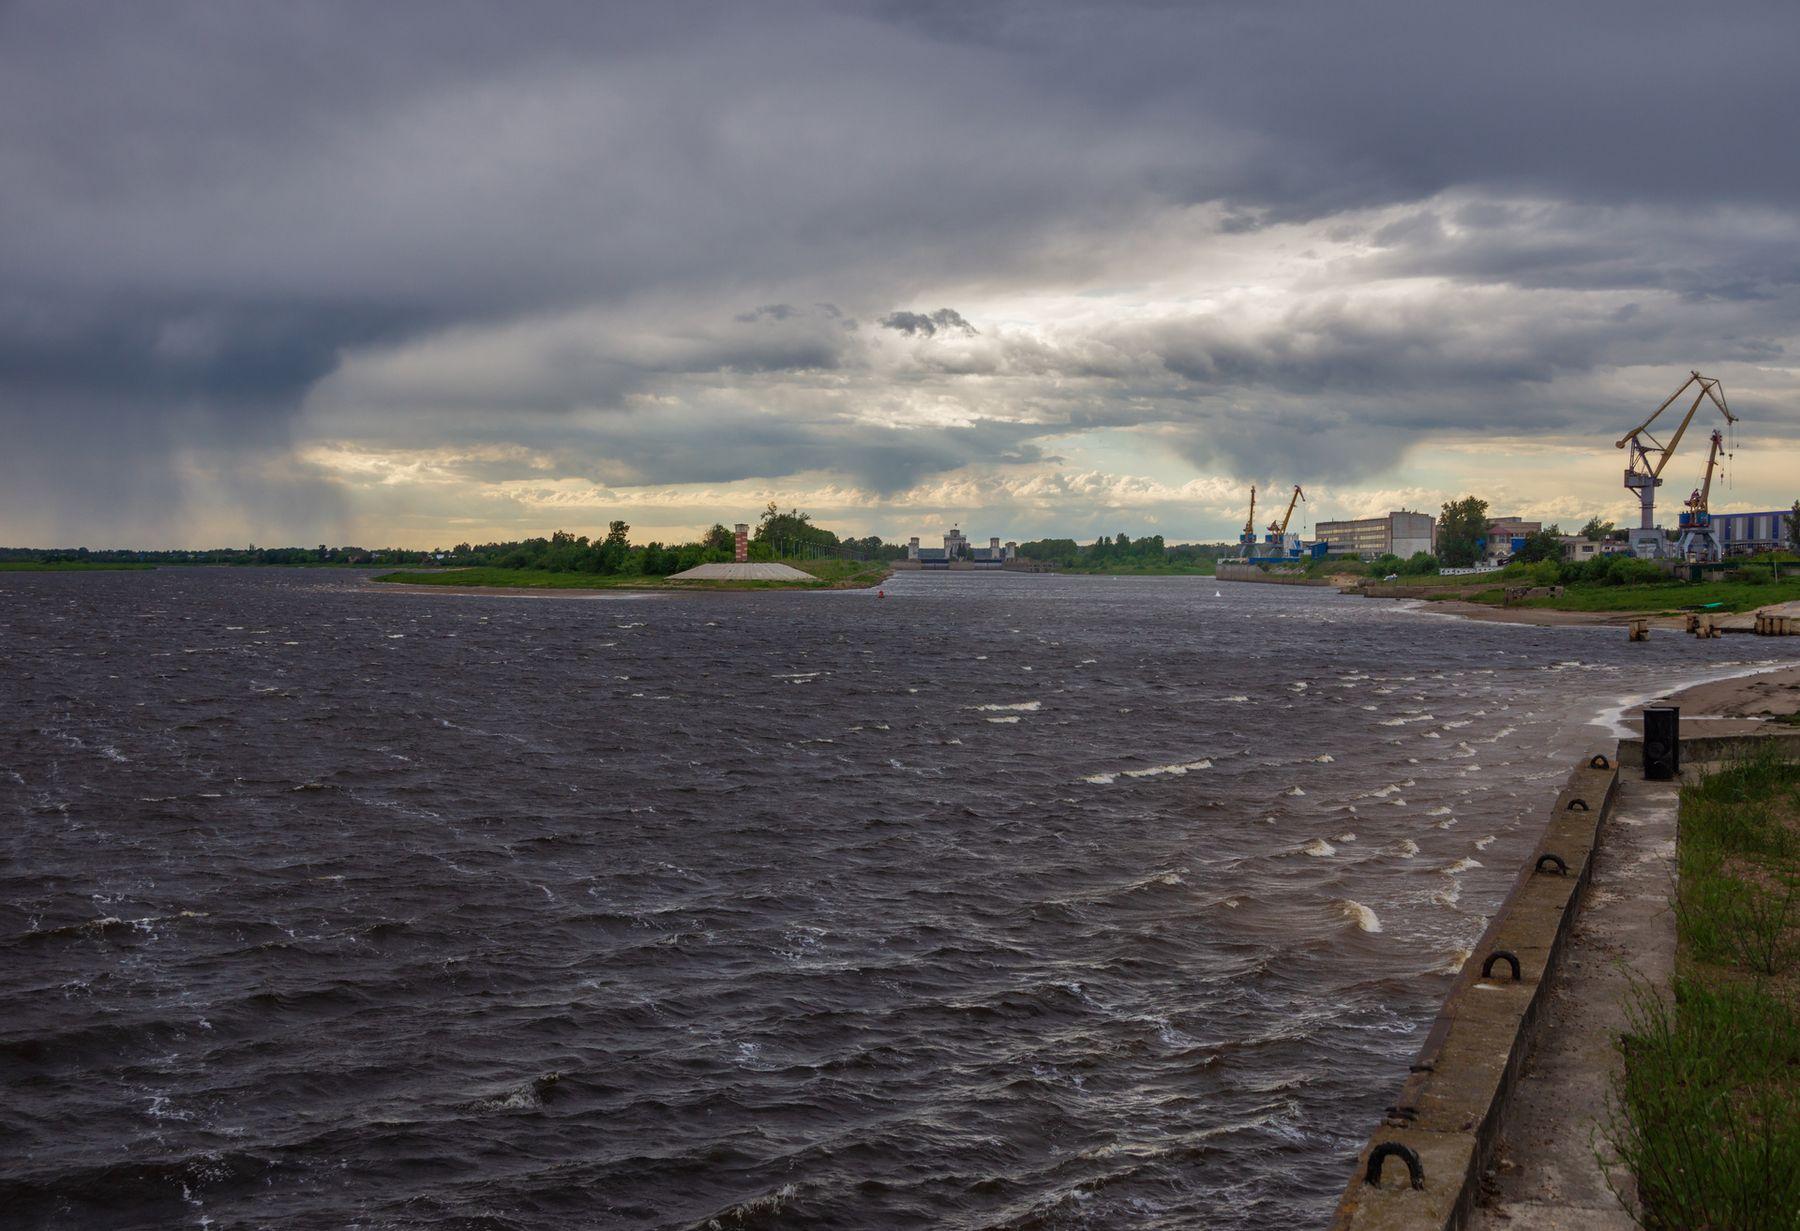 Штормовая Волга путешествия город Городец лето вечер облака туча шлюз река Волга простор солнце